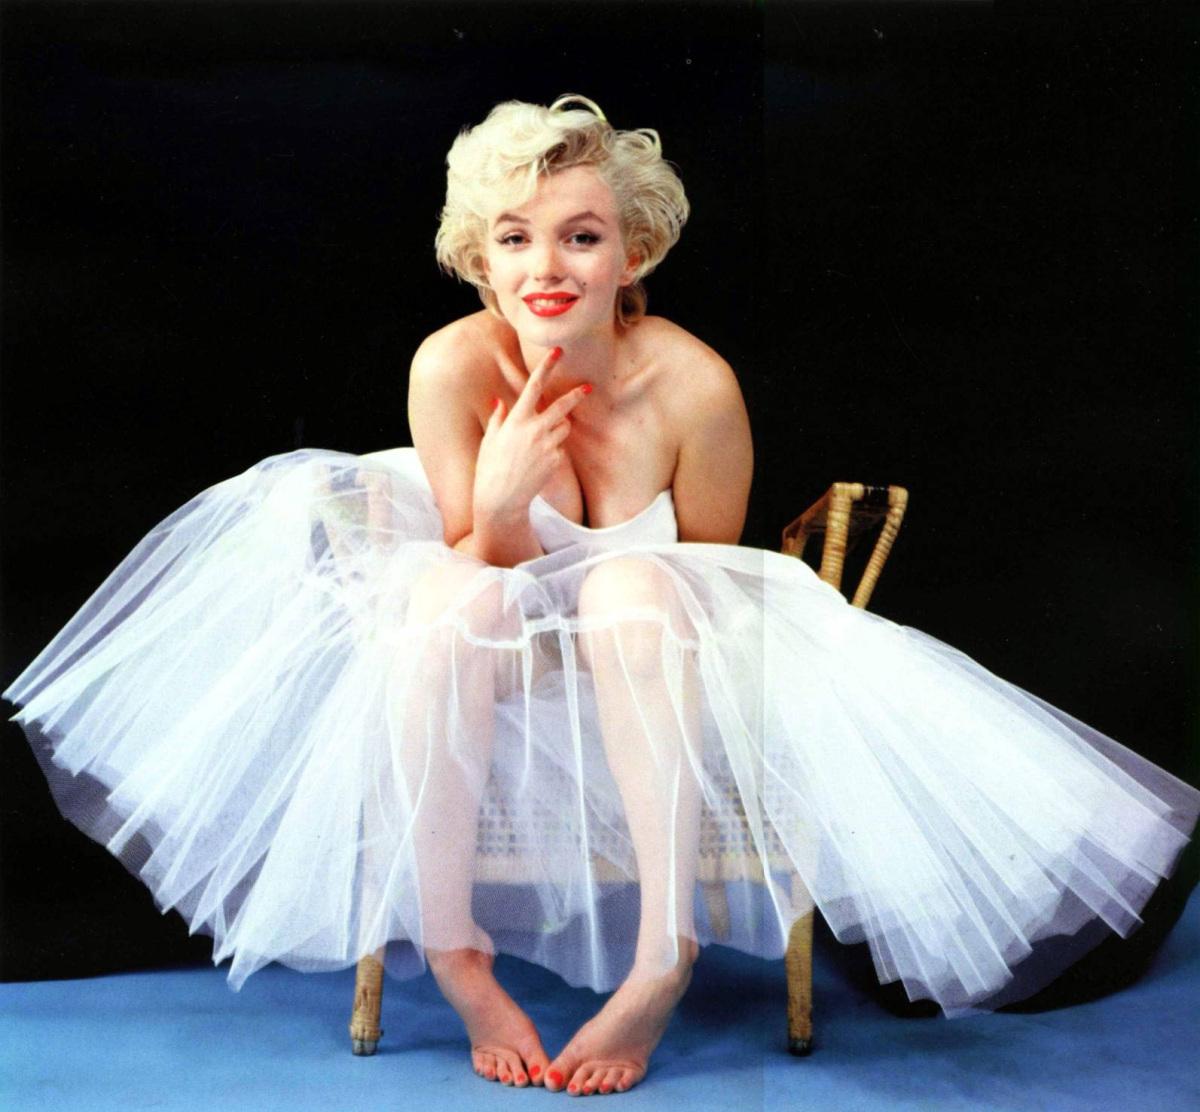 L'omicidio di Marilyn Monroe